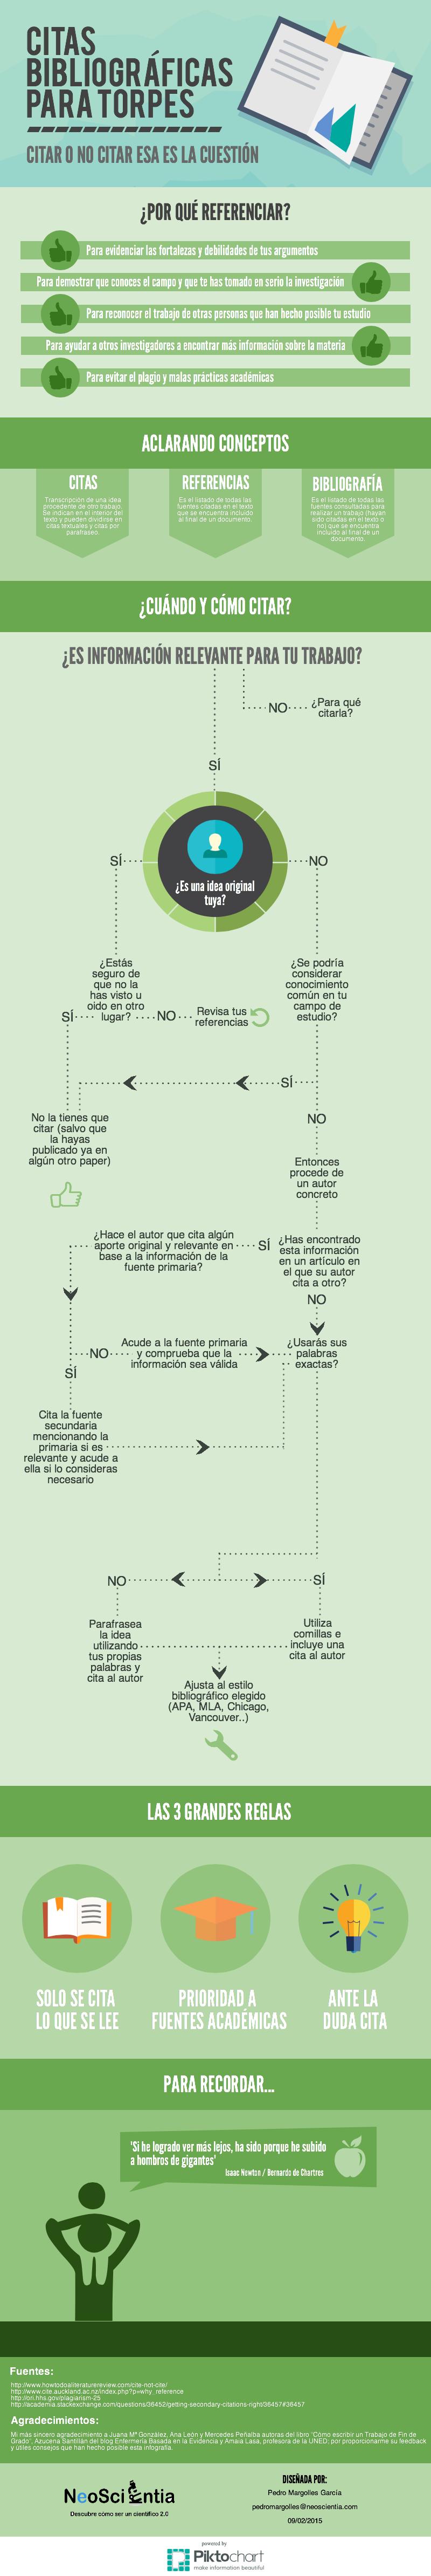 http://cdn7.neoscientia.com/wp-content/uploads/2015/02/citas-bibliogr%C3%A1ficas-infograf%C3%ADas.png